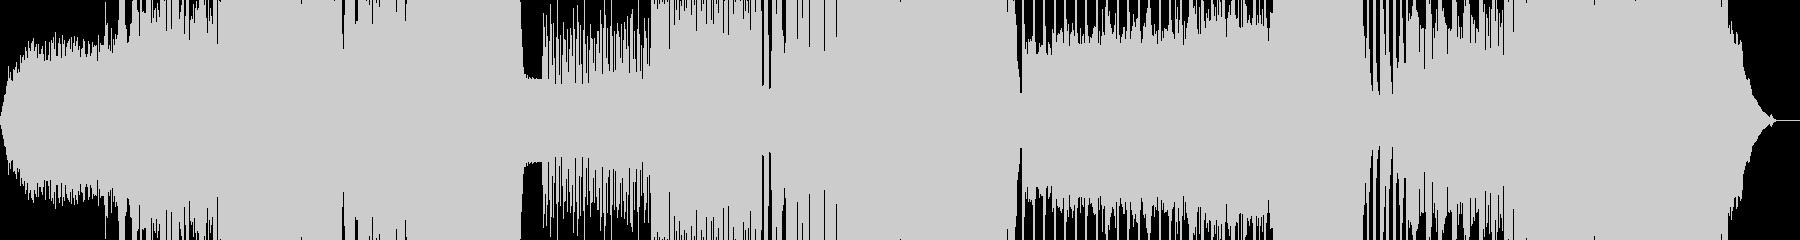 展開の多いプログレッシブデジタルロックの未再生の波形